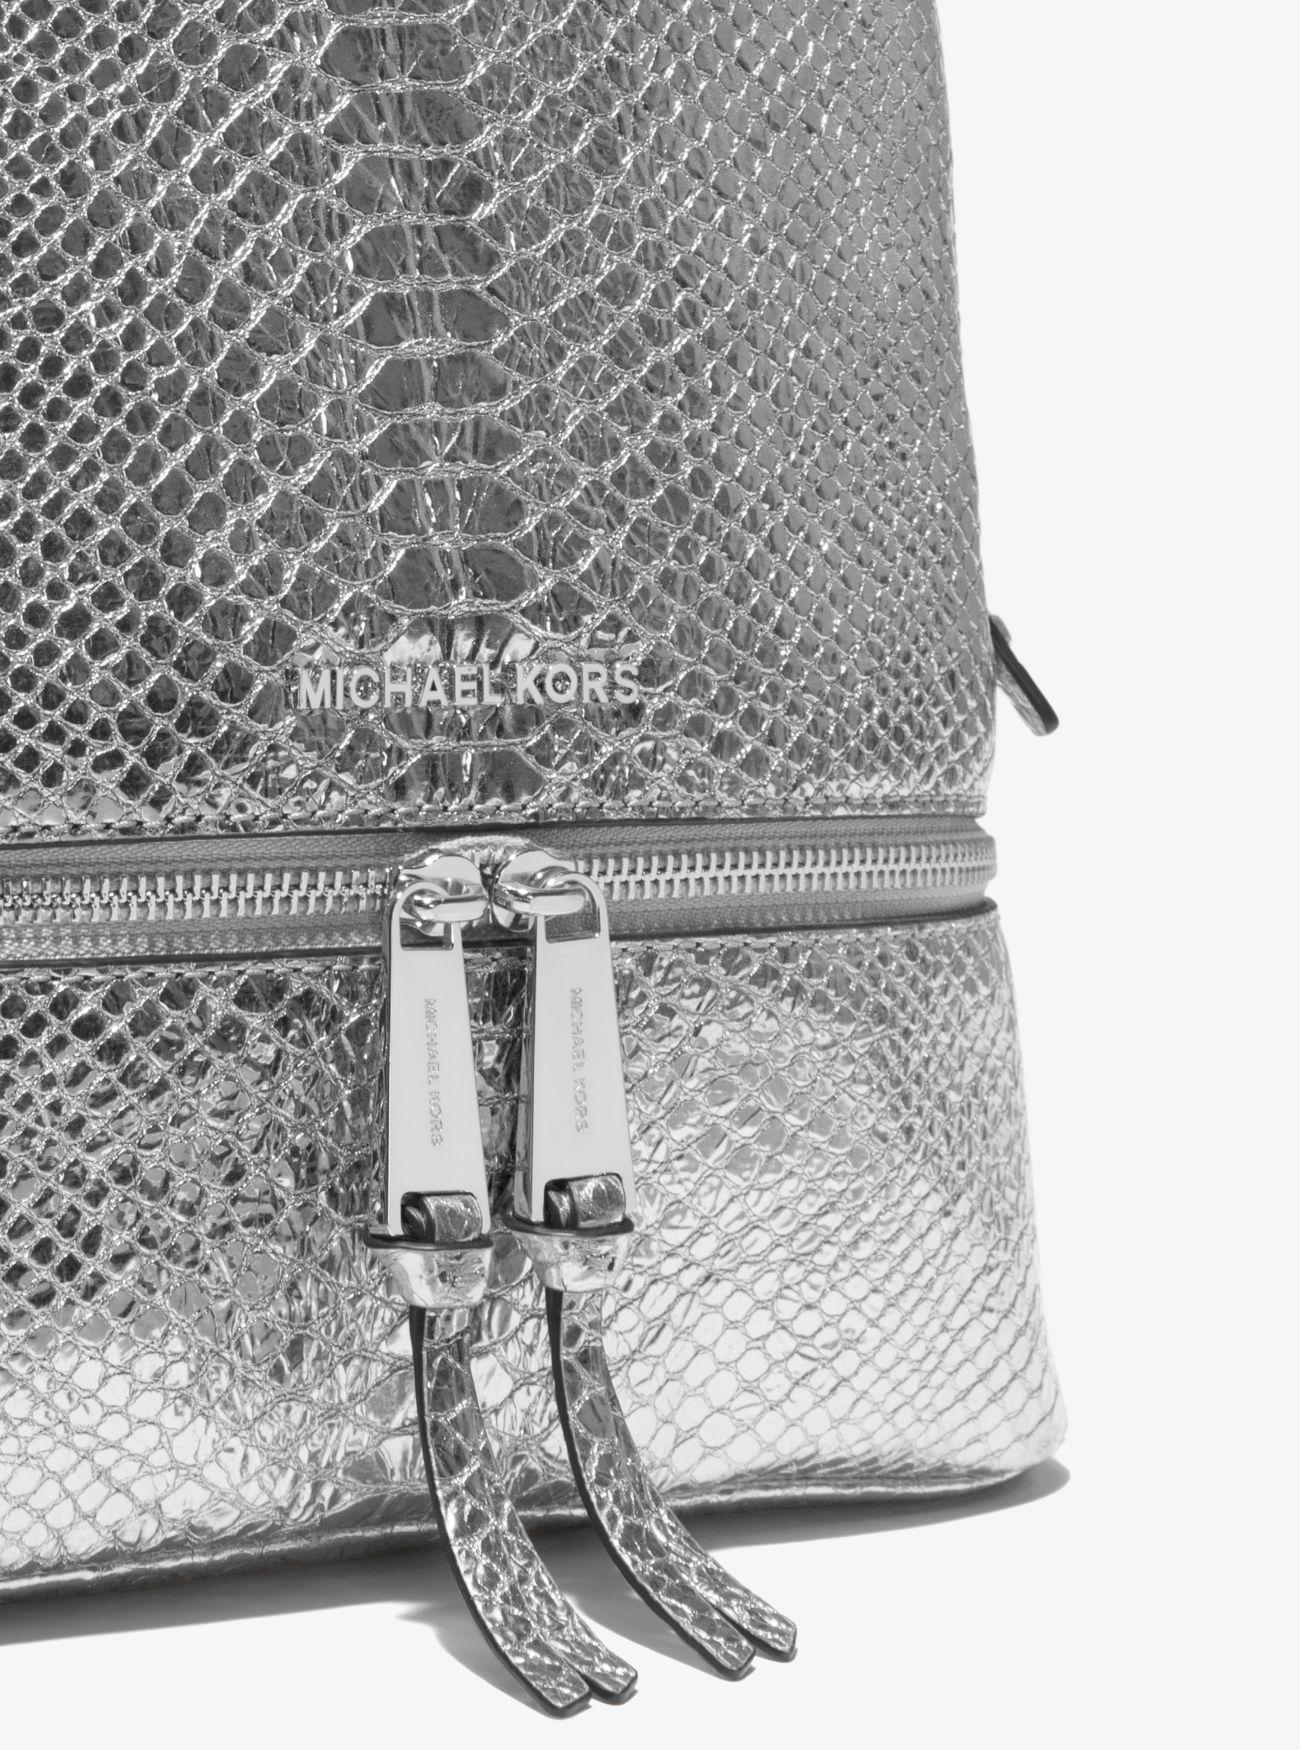 eb38b0518827 Lyst - Michael Kors Rhea Medium Metallic Embossed-leather Backpack ...